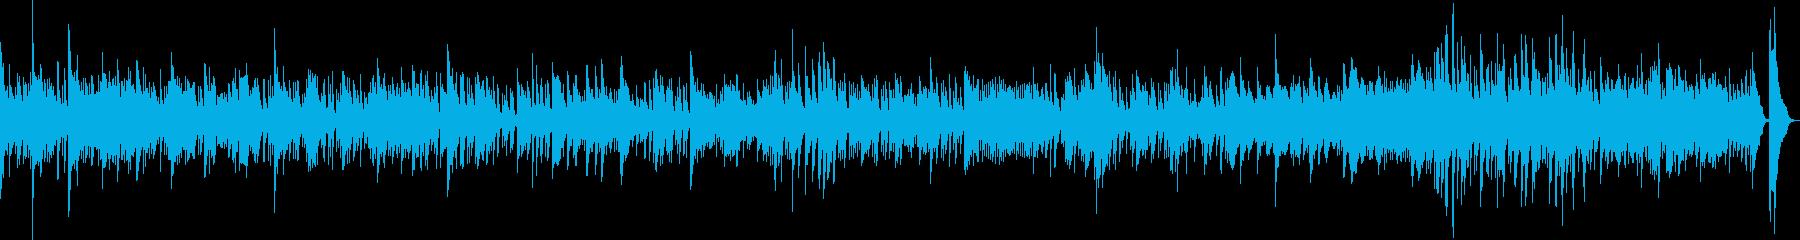 悲しみの雨(ピアノ・悲劇・後悔・手遅れ)の再生済みの波形